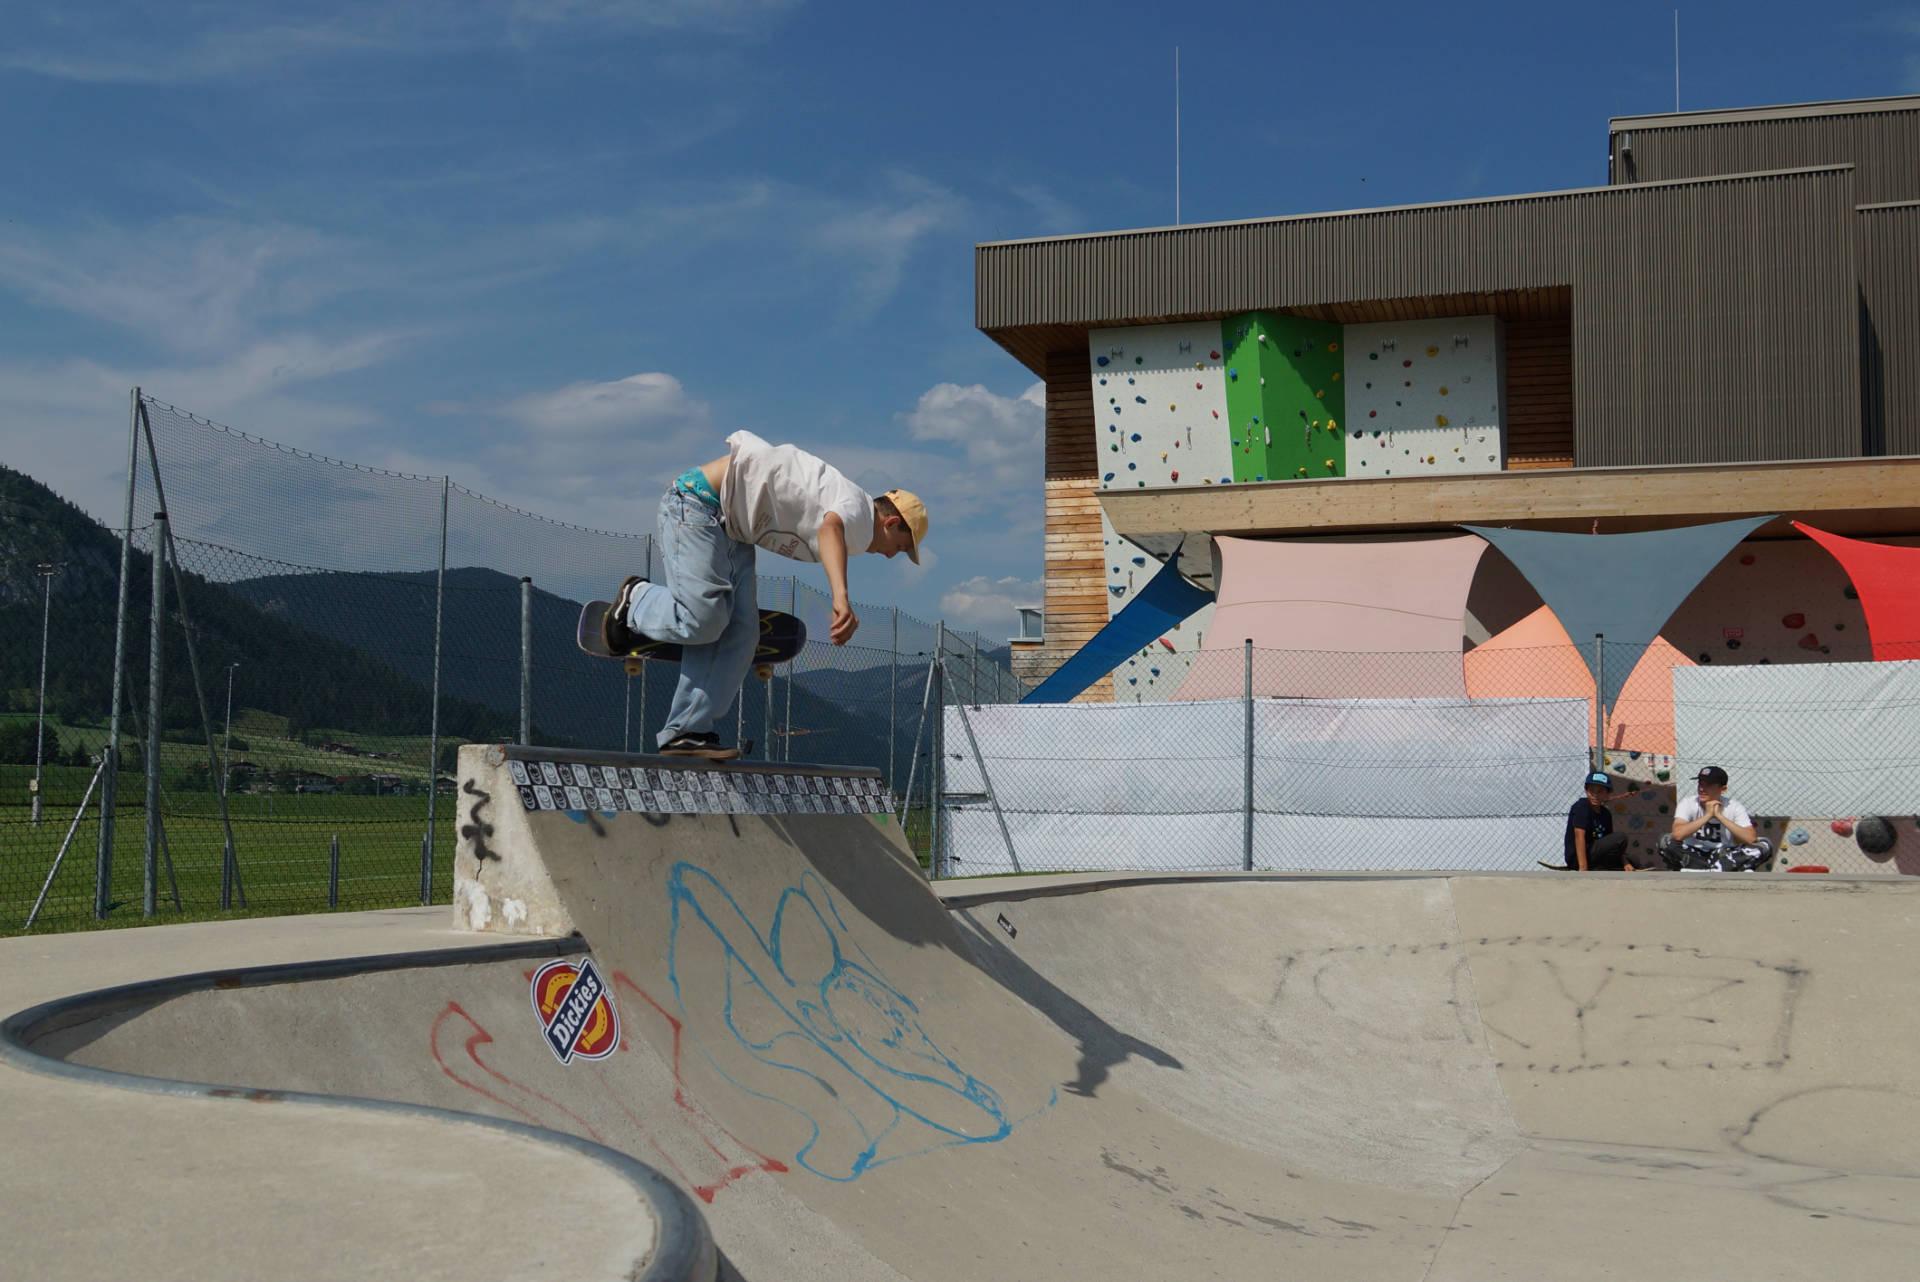 skateboardheadz st johann in tirol kgt 2019 finale 00059